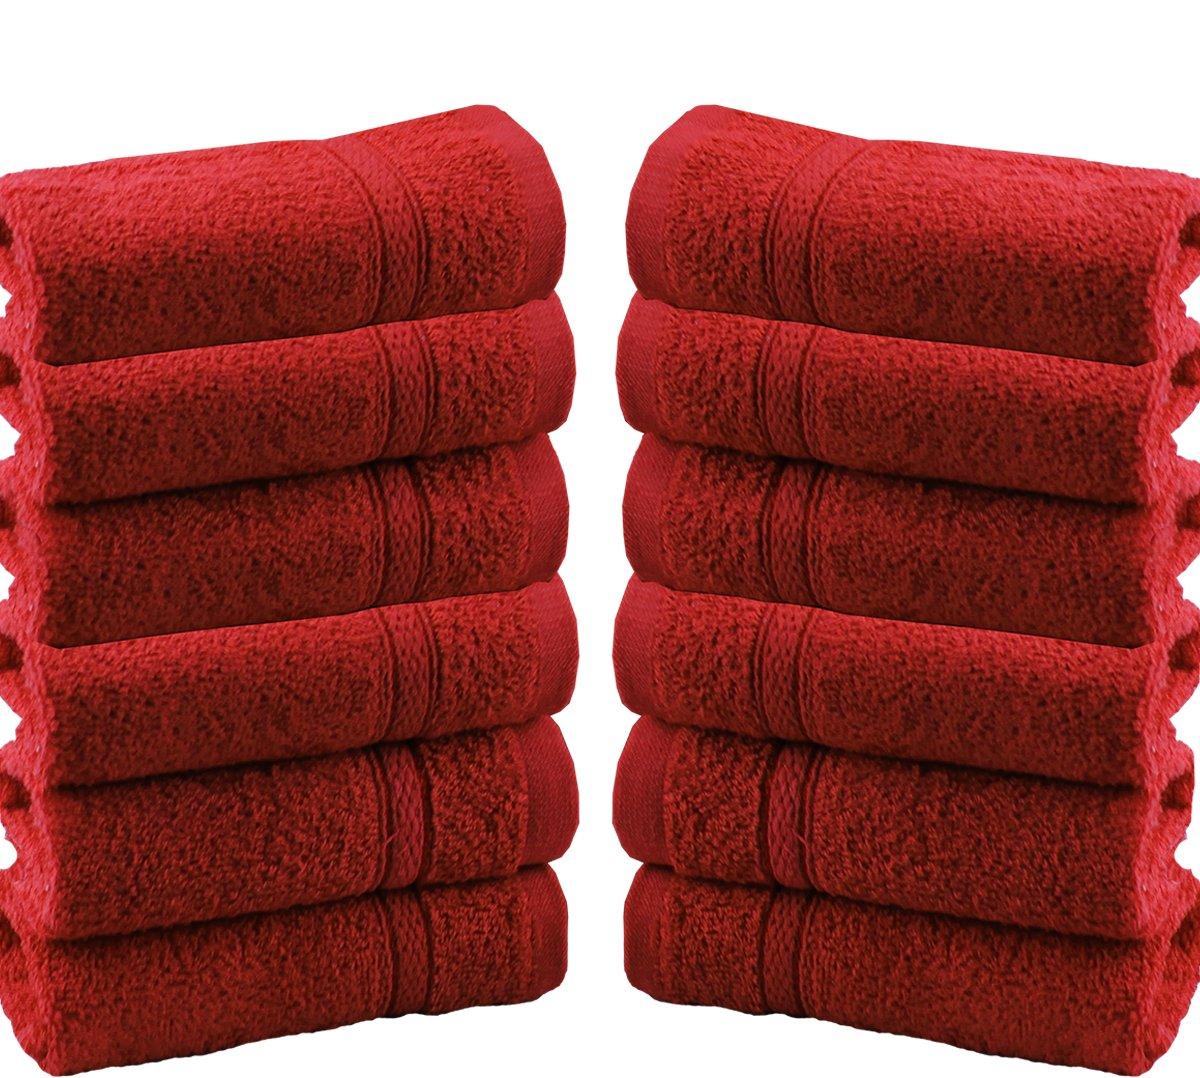 CASAbella New confezione da 12100% cotone viso panno panno asciugamani asciugamani 550GSM, Cotone, White, 12 Pieces Set